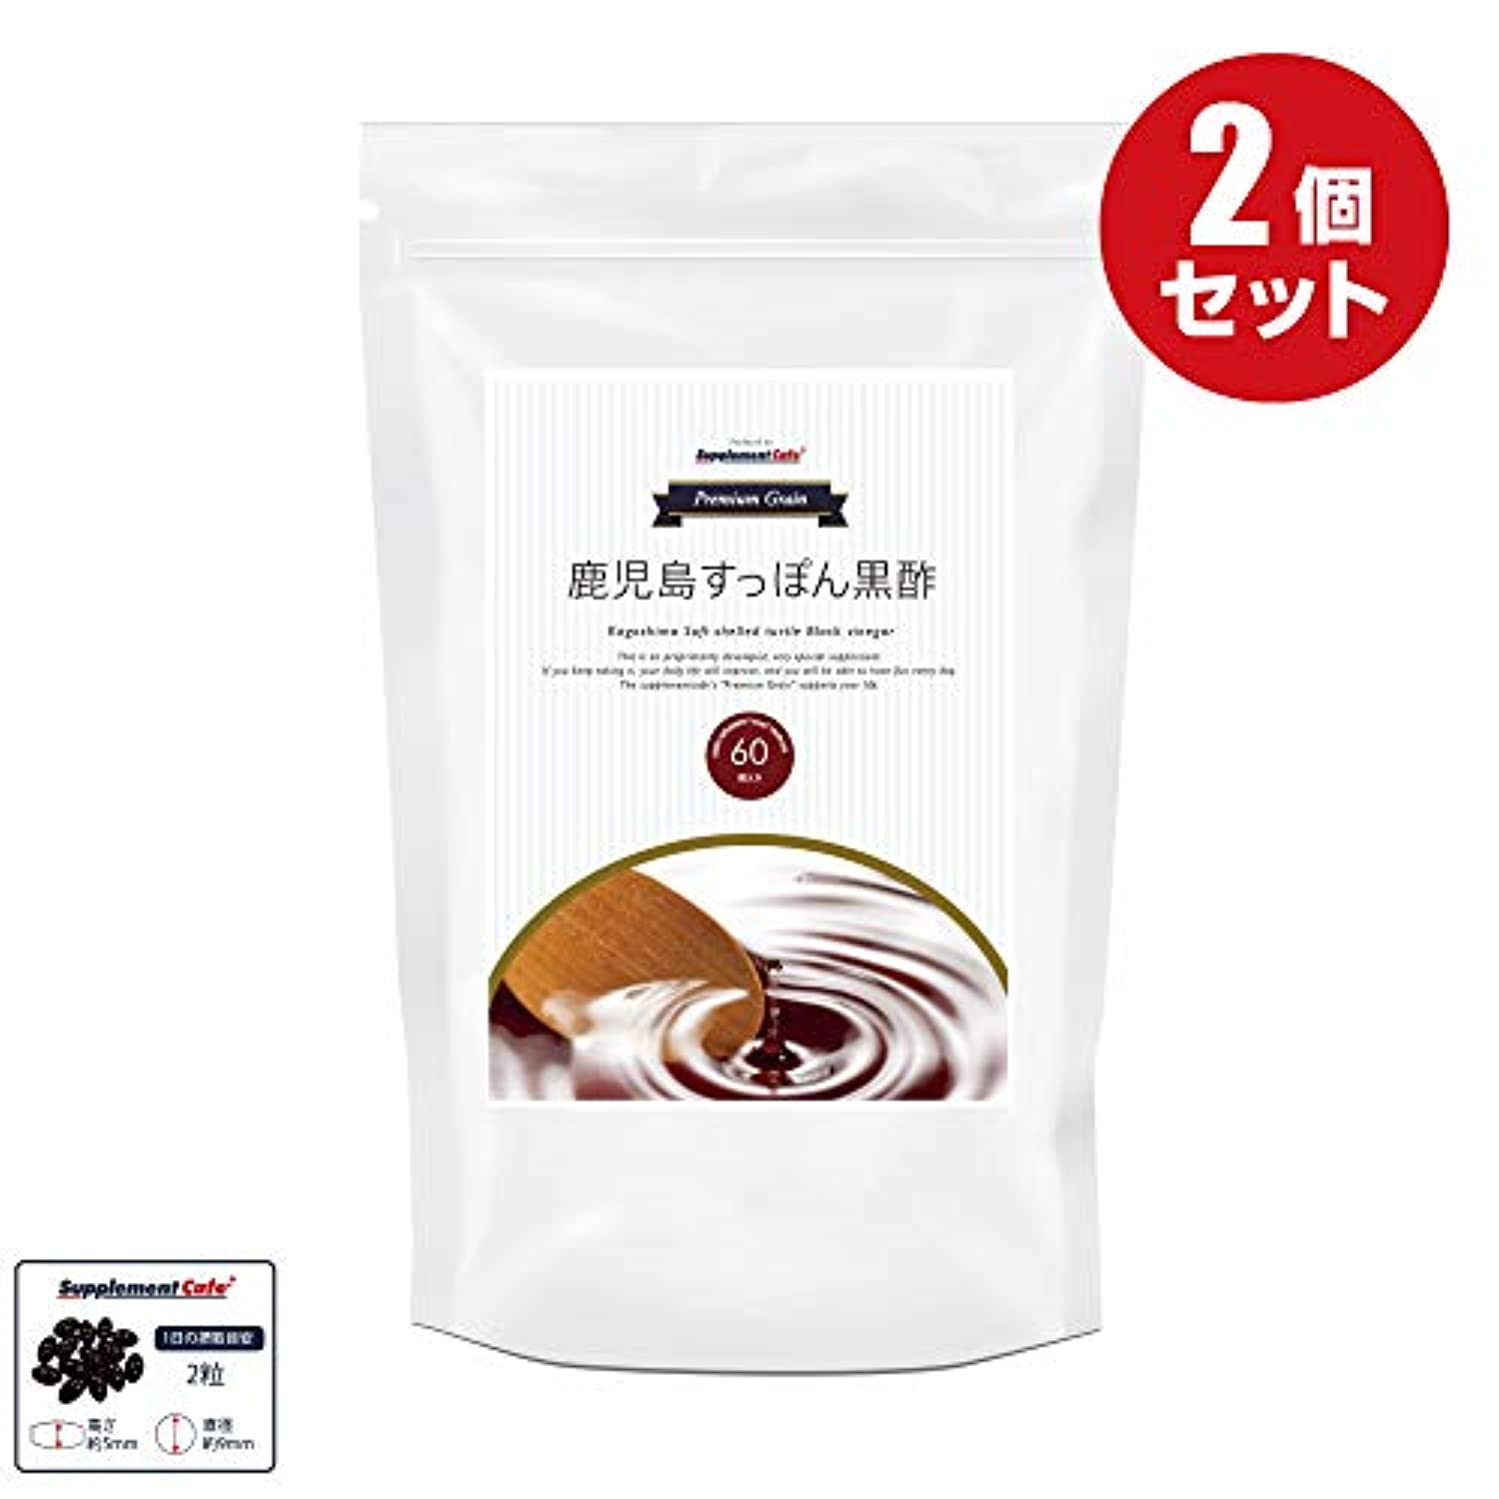 フレットベーリング海峡活性化する【2袋セット】Premium Grain 鹿児島すっぽん黒酢/すっぽん黒酢/福山産  約60日分